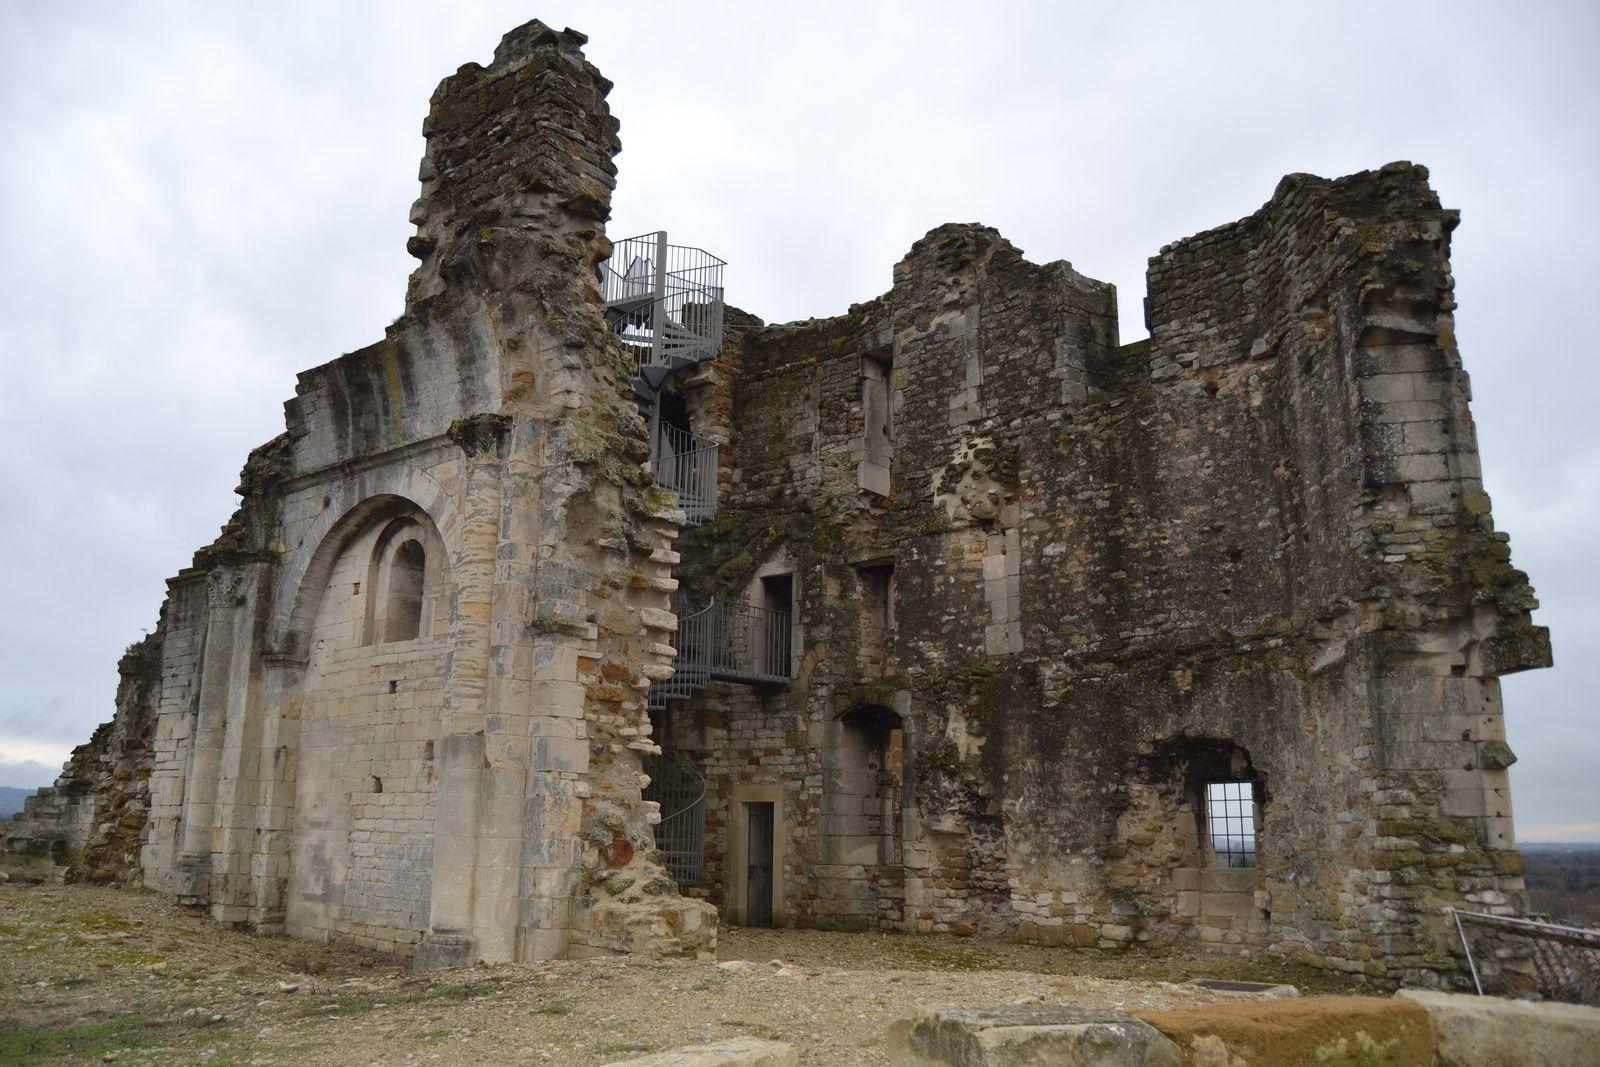 Il fît l'objet de nouveaux combats, entre le Comte de Suze et les hugenots, en 1574.